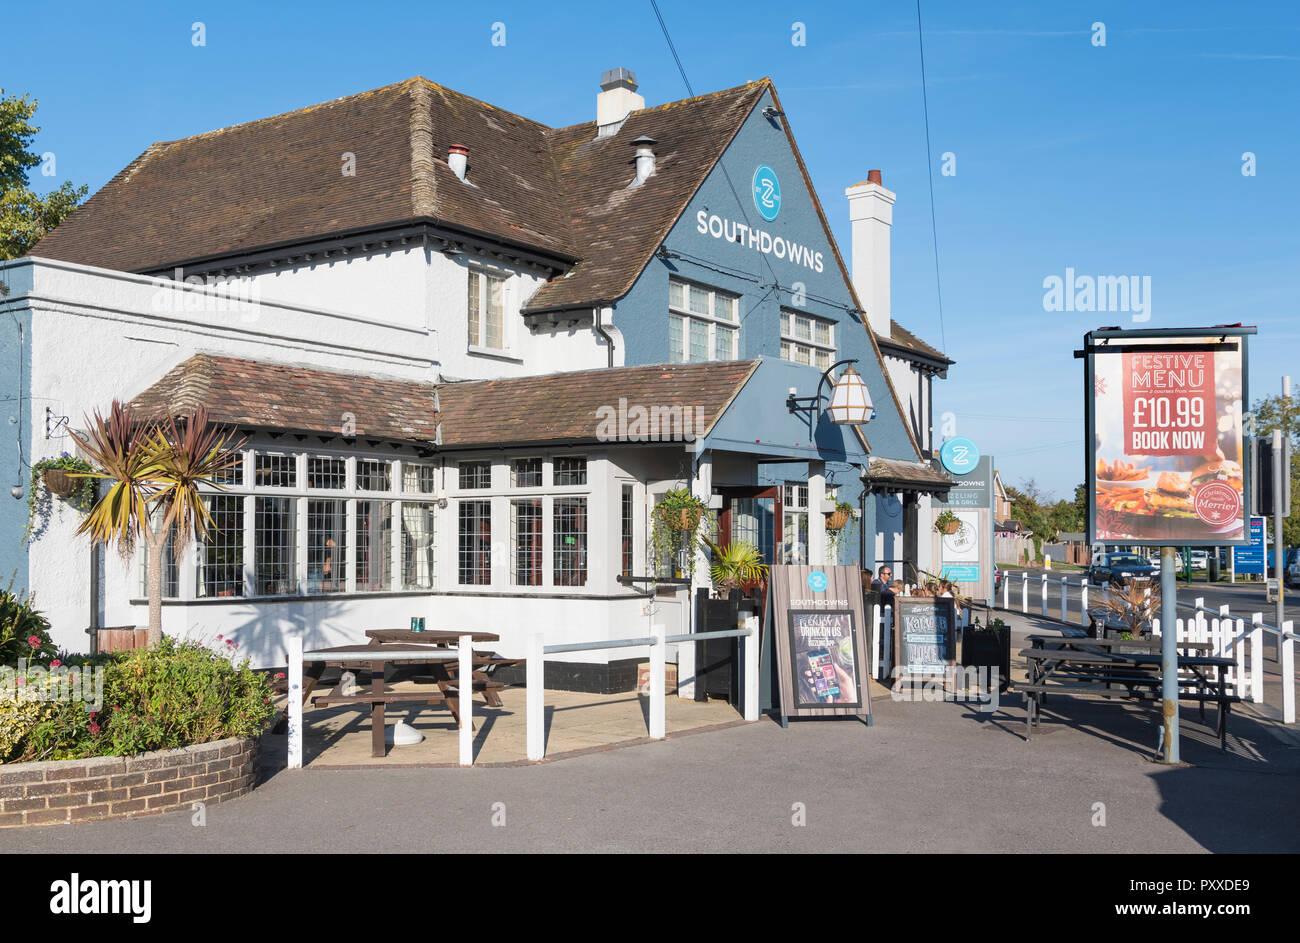 L'Southdowns pub & grill de l'animation de la chaîne de pubs à Bognor Regis, West Sussex, Angleterre, Royaume-Uni. Photo Stock